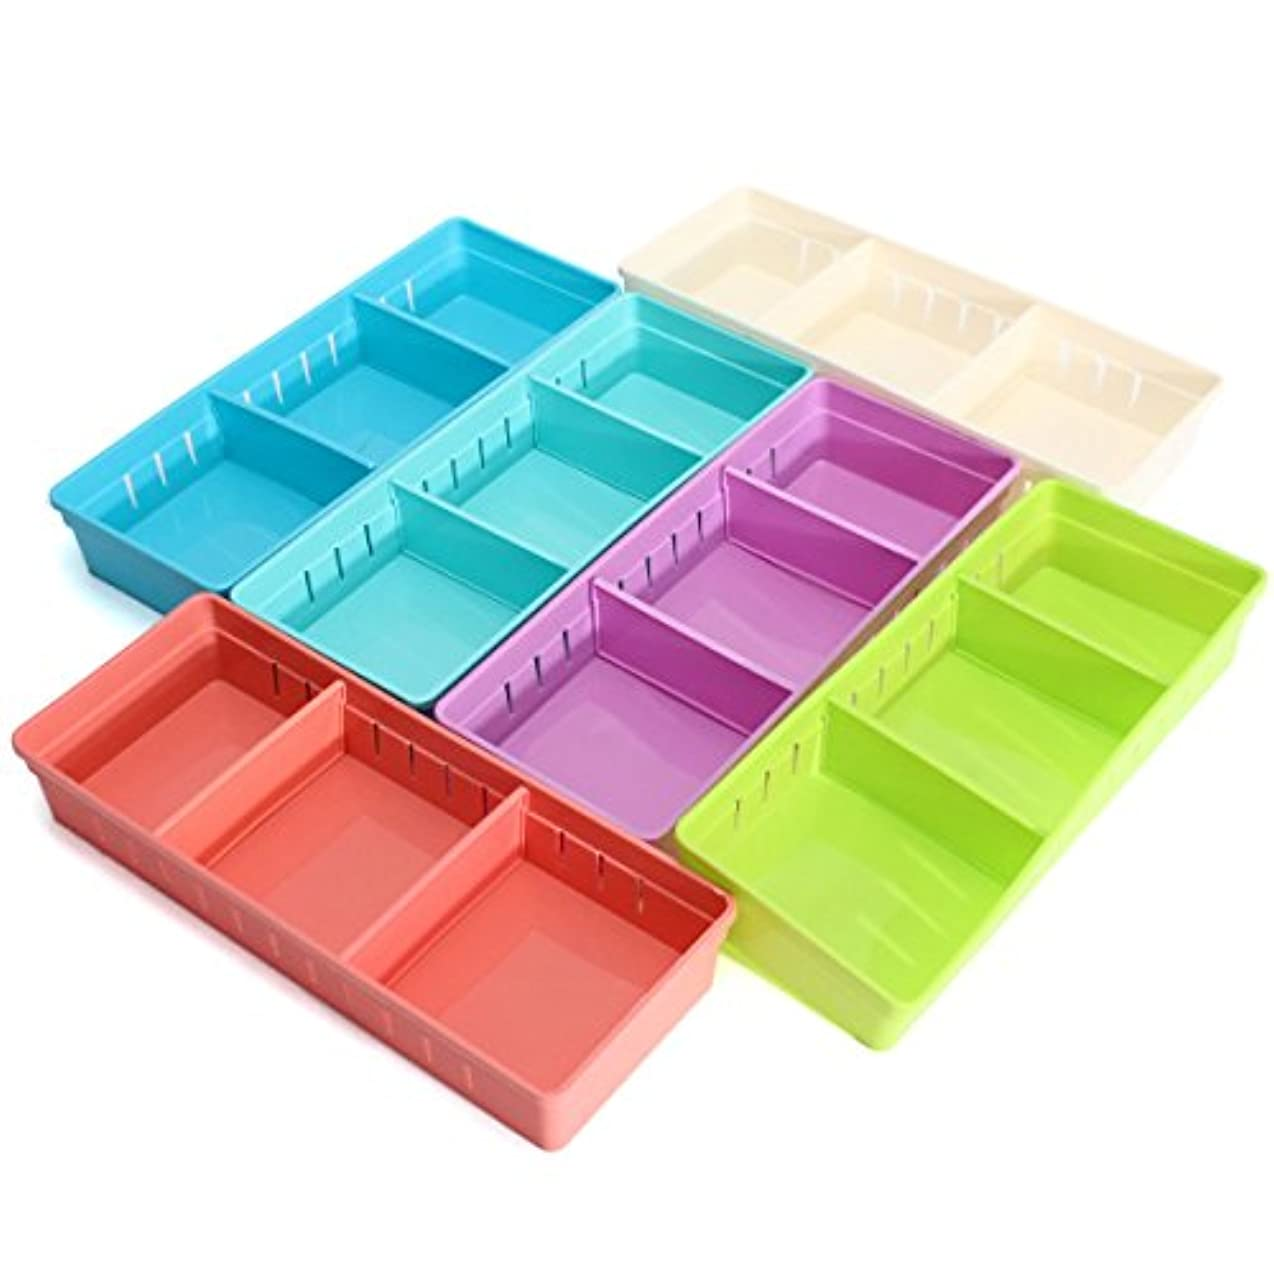 メトロポリタンシリアル食物YZUEYT 調整可能なメイクアップ収納ボックス引き出しホームキッチンオフィスSupplie鉛筆ジュエリーオーガナイザー YZUEYT (Color : Color Yellow)